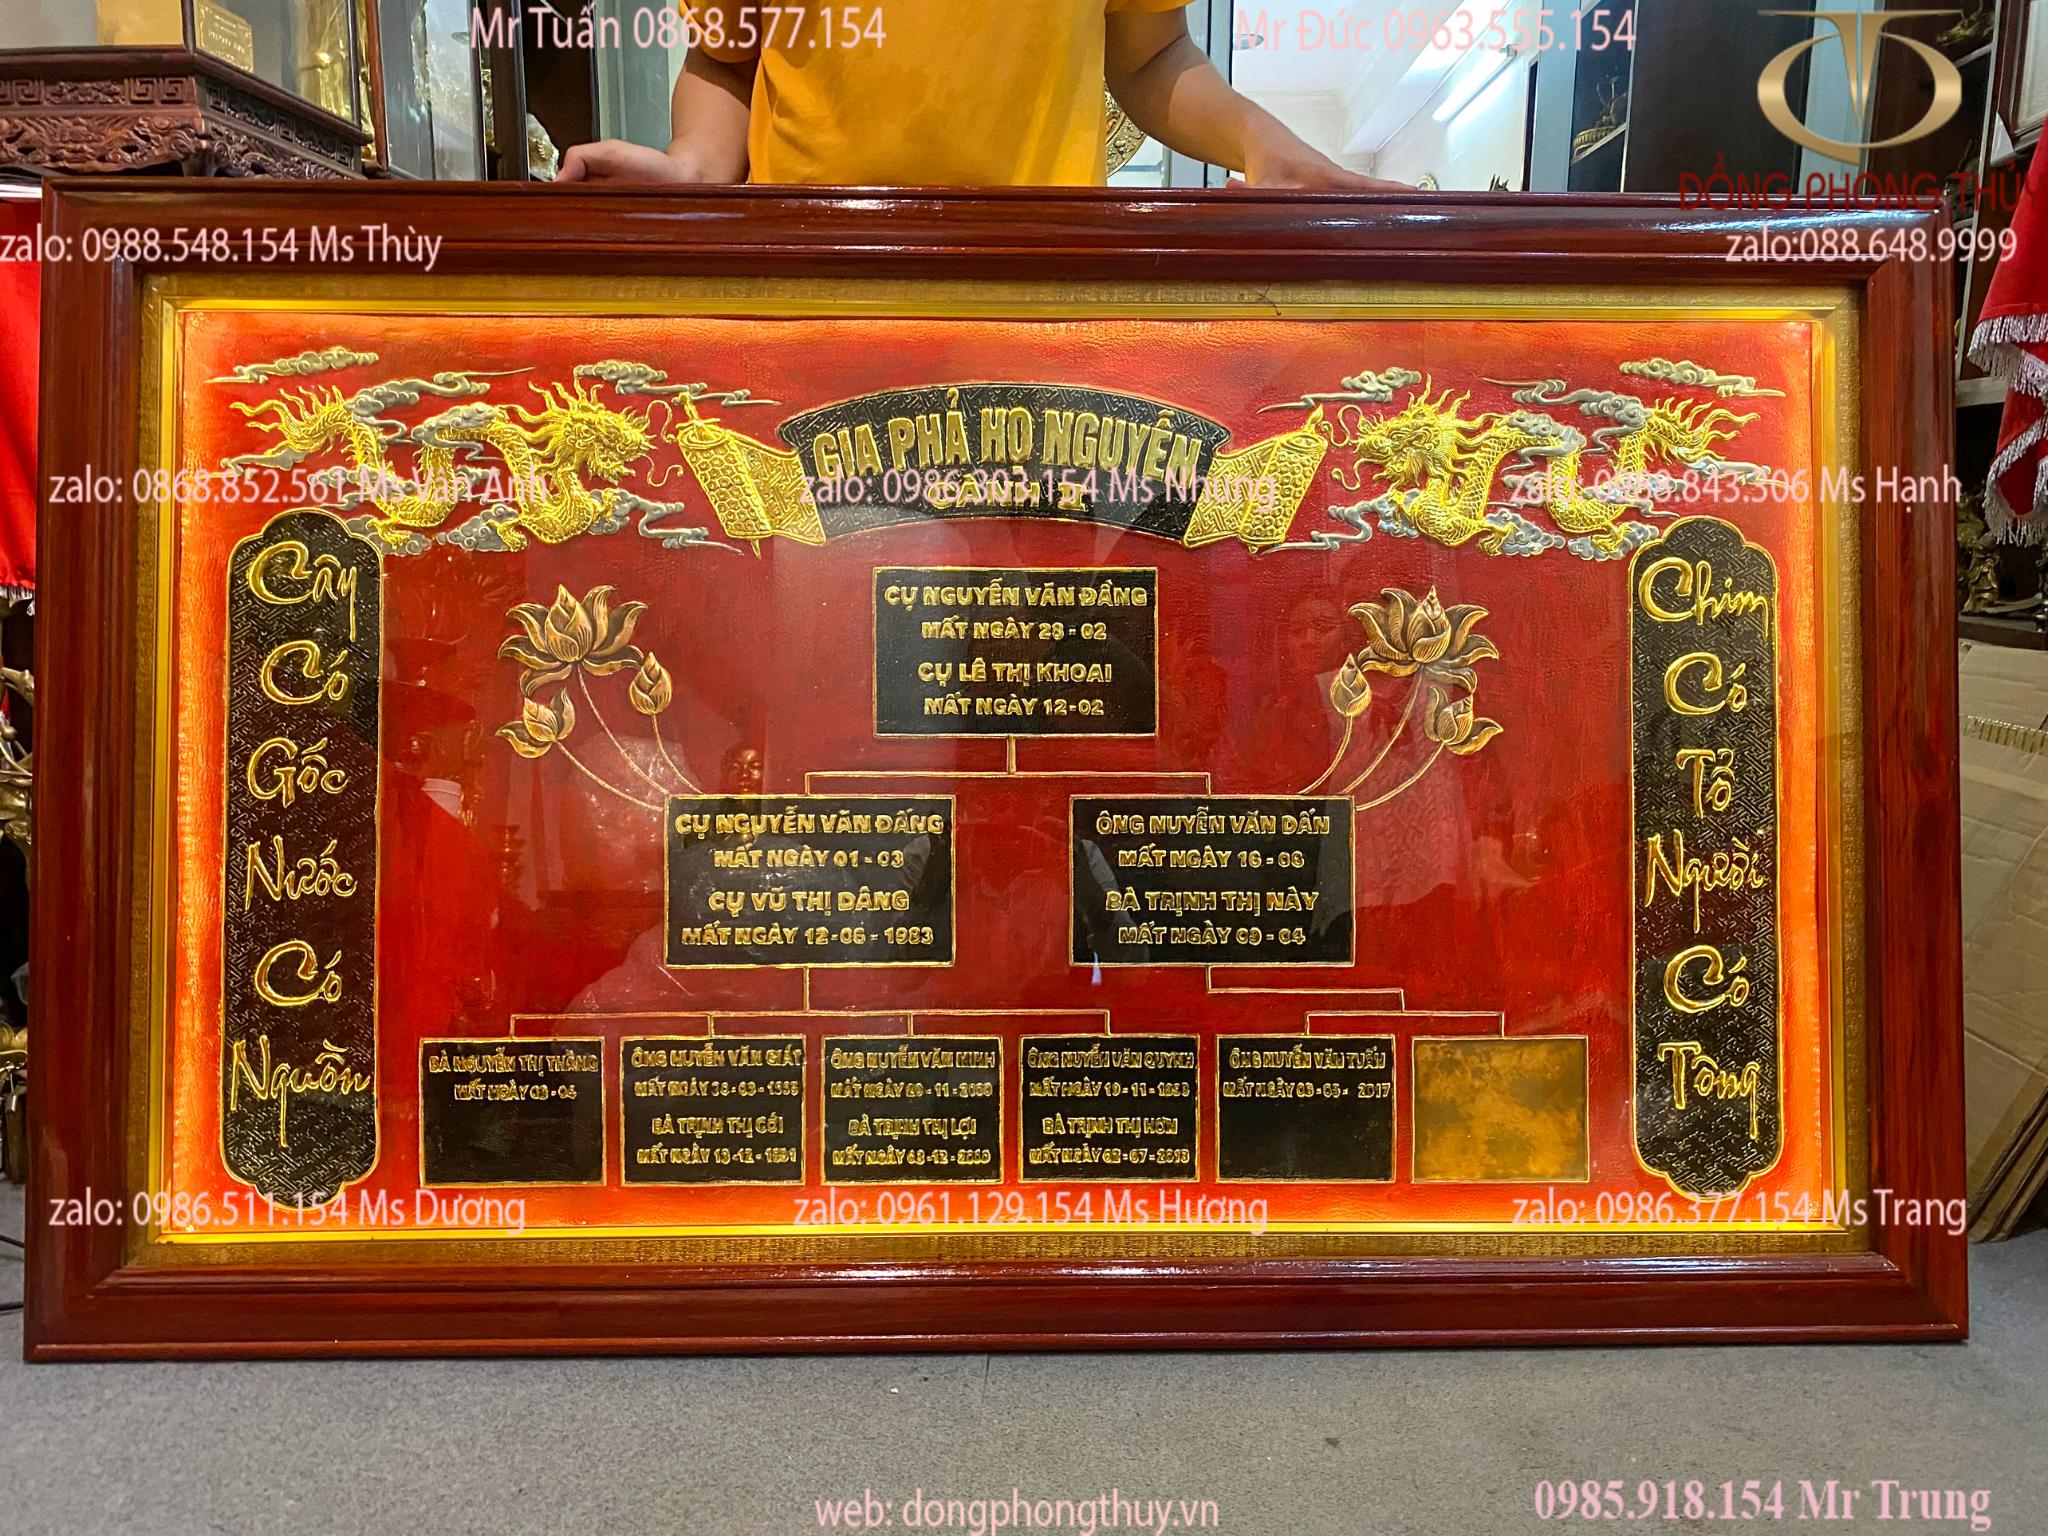 Gia phả dòng họ Nguyễn bằng đồng hàng đặt làm theo yêu cầu của khách hàng